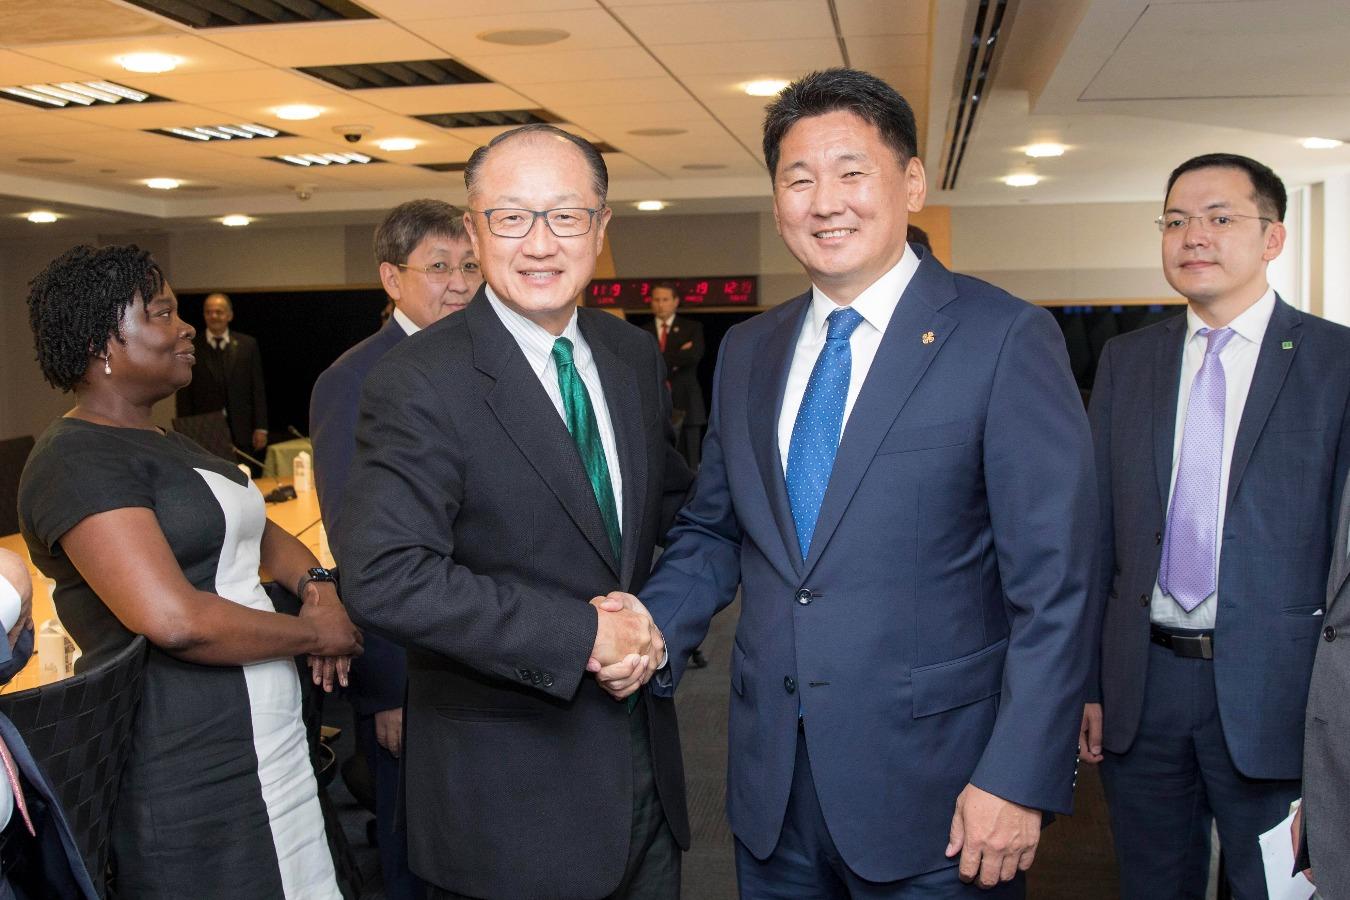 Монгол Улсын Ерөнхий сайд Дэлхийн банкны Ерөнхийлөгчтэй уулзав